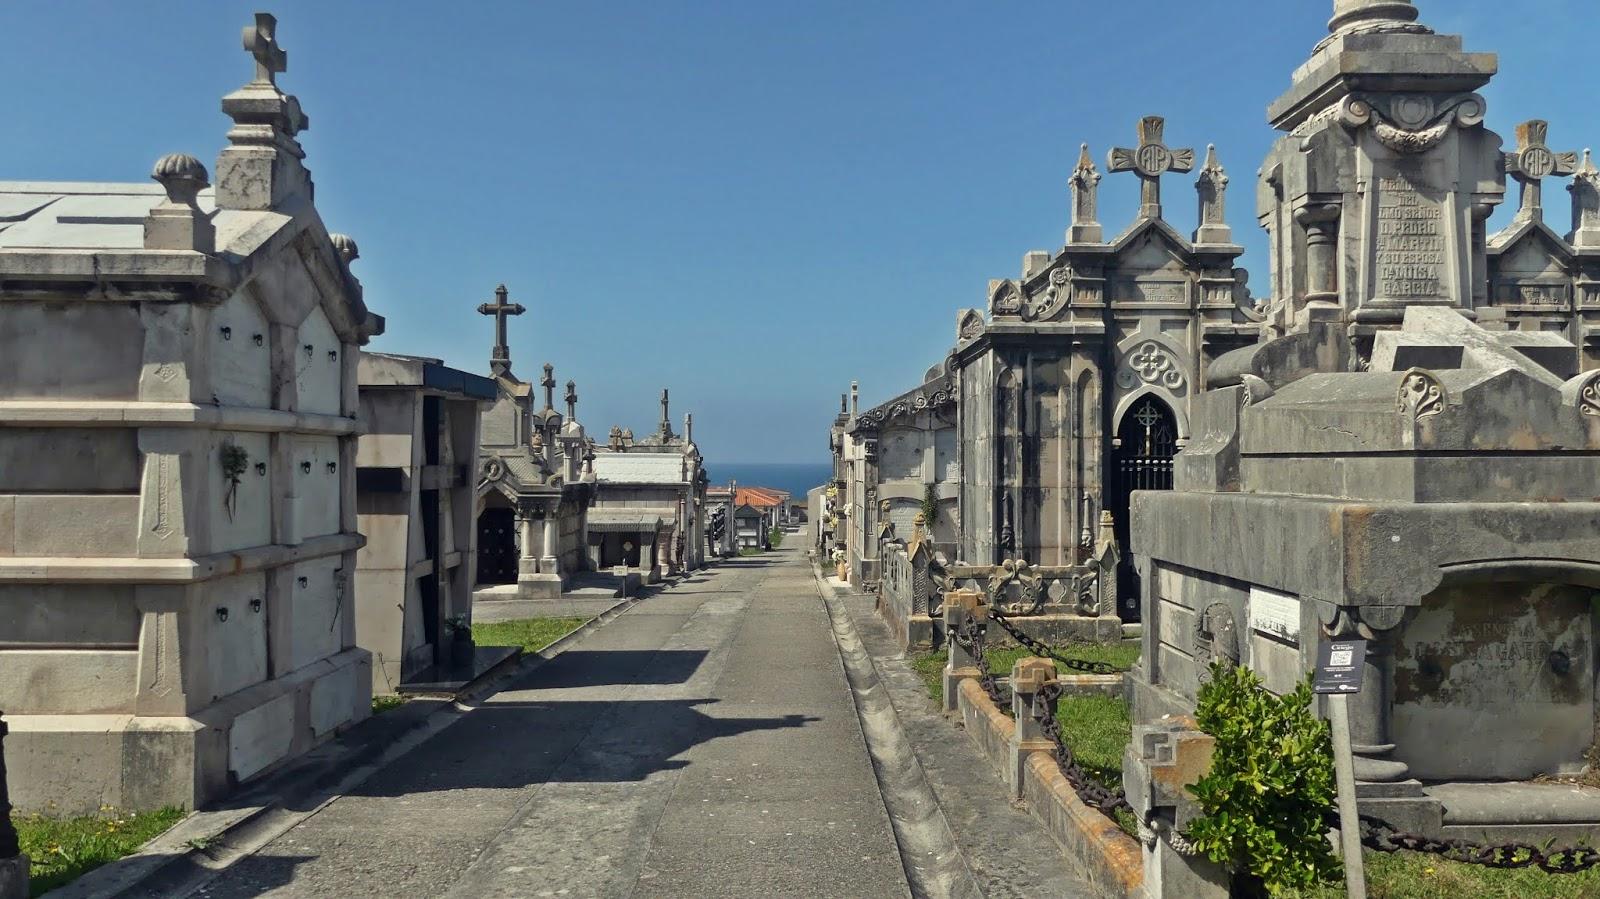 Cmentarz Ciriego Santander